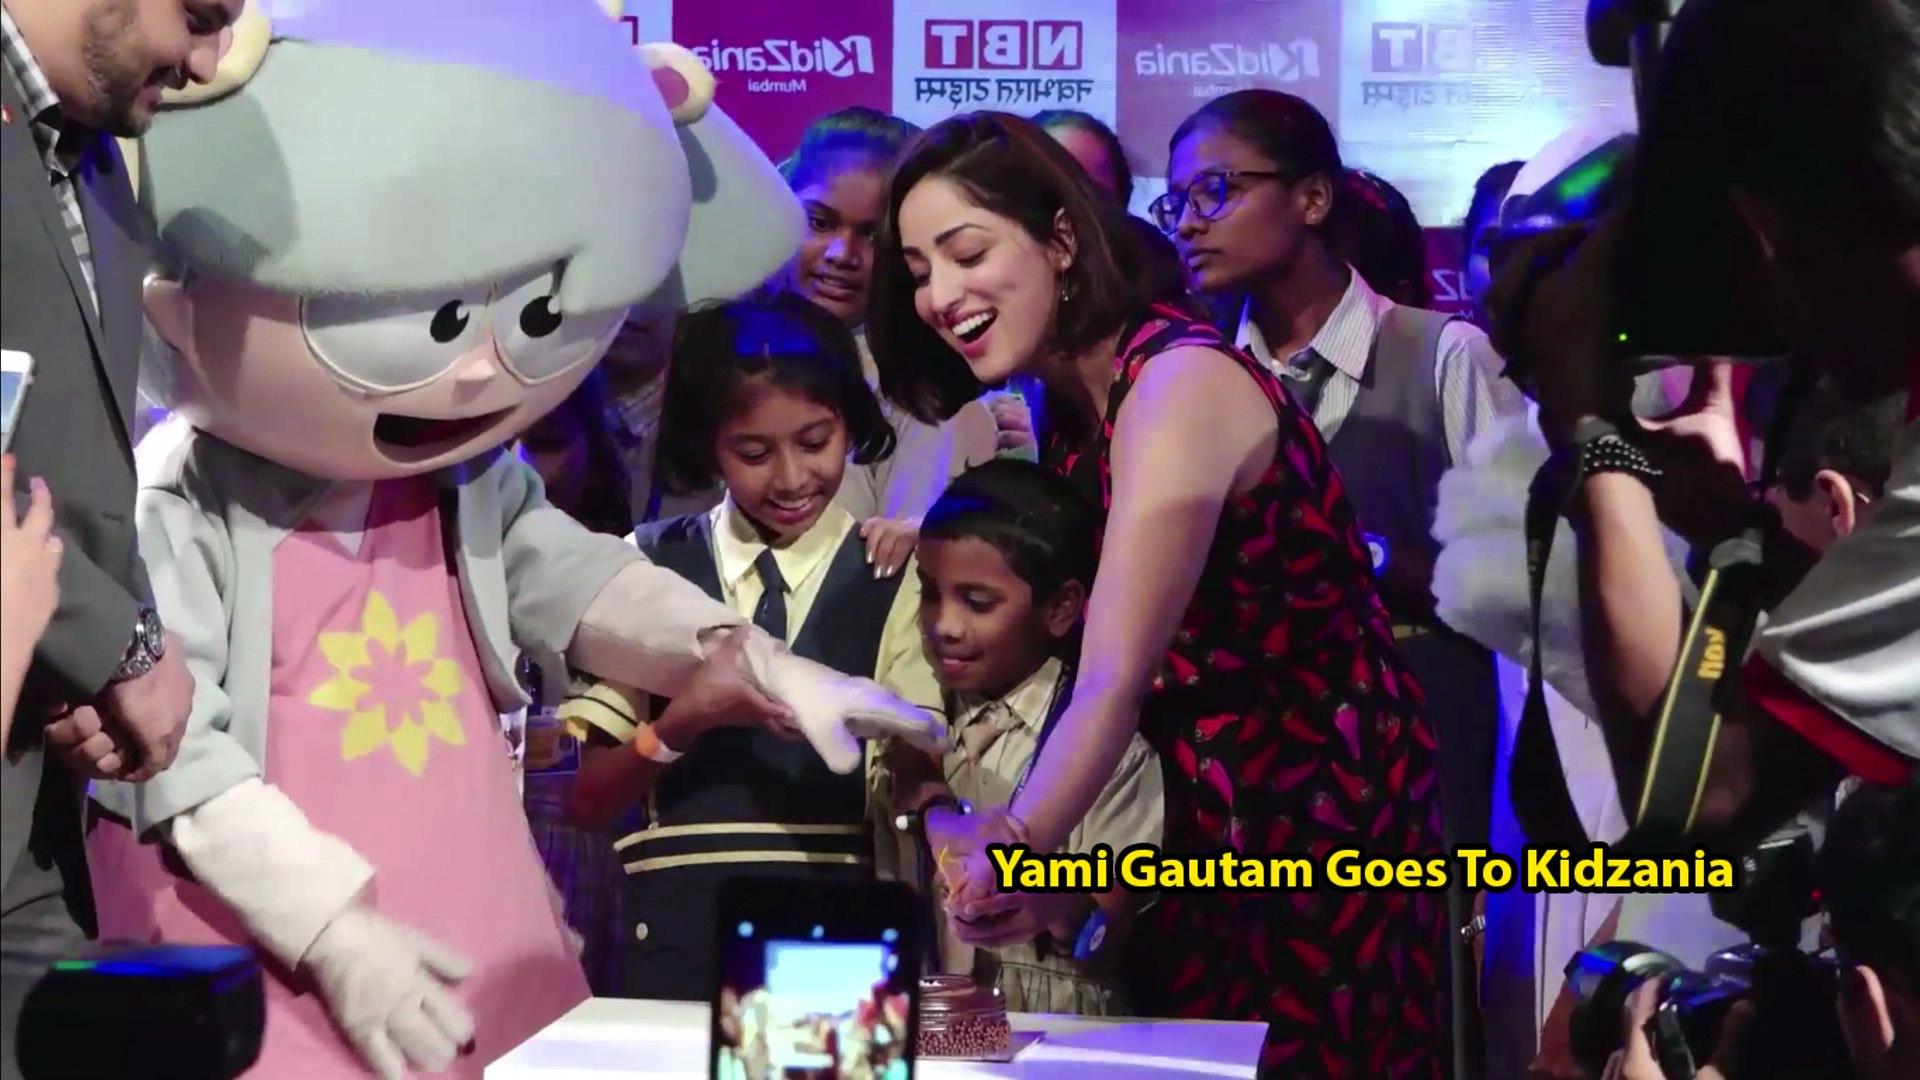 Yami Gautam Goes To Kidzania To Meet Vimala Society